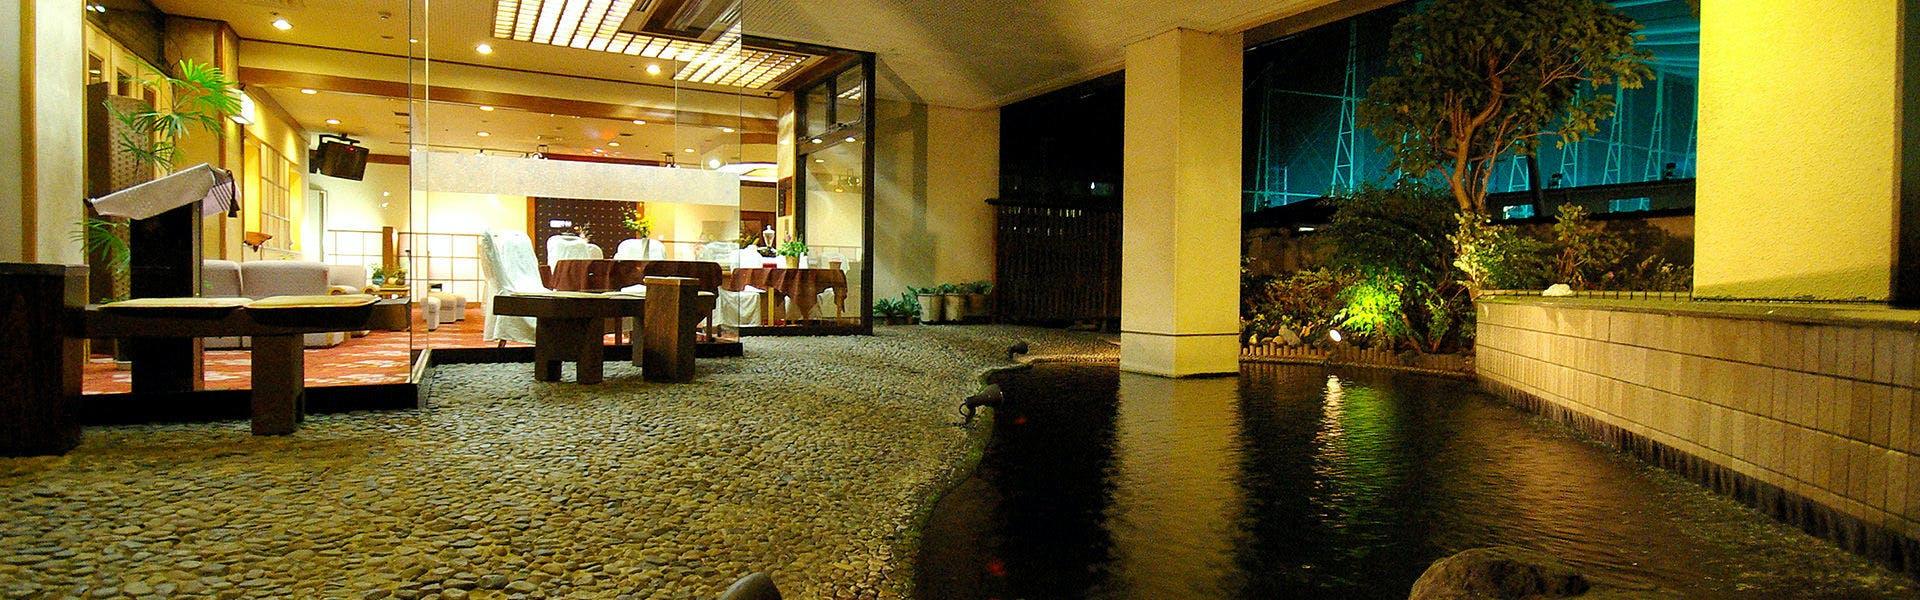 記念日におすすめのホテル・湯和み 別館 石和常磐ホテルの写真1